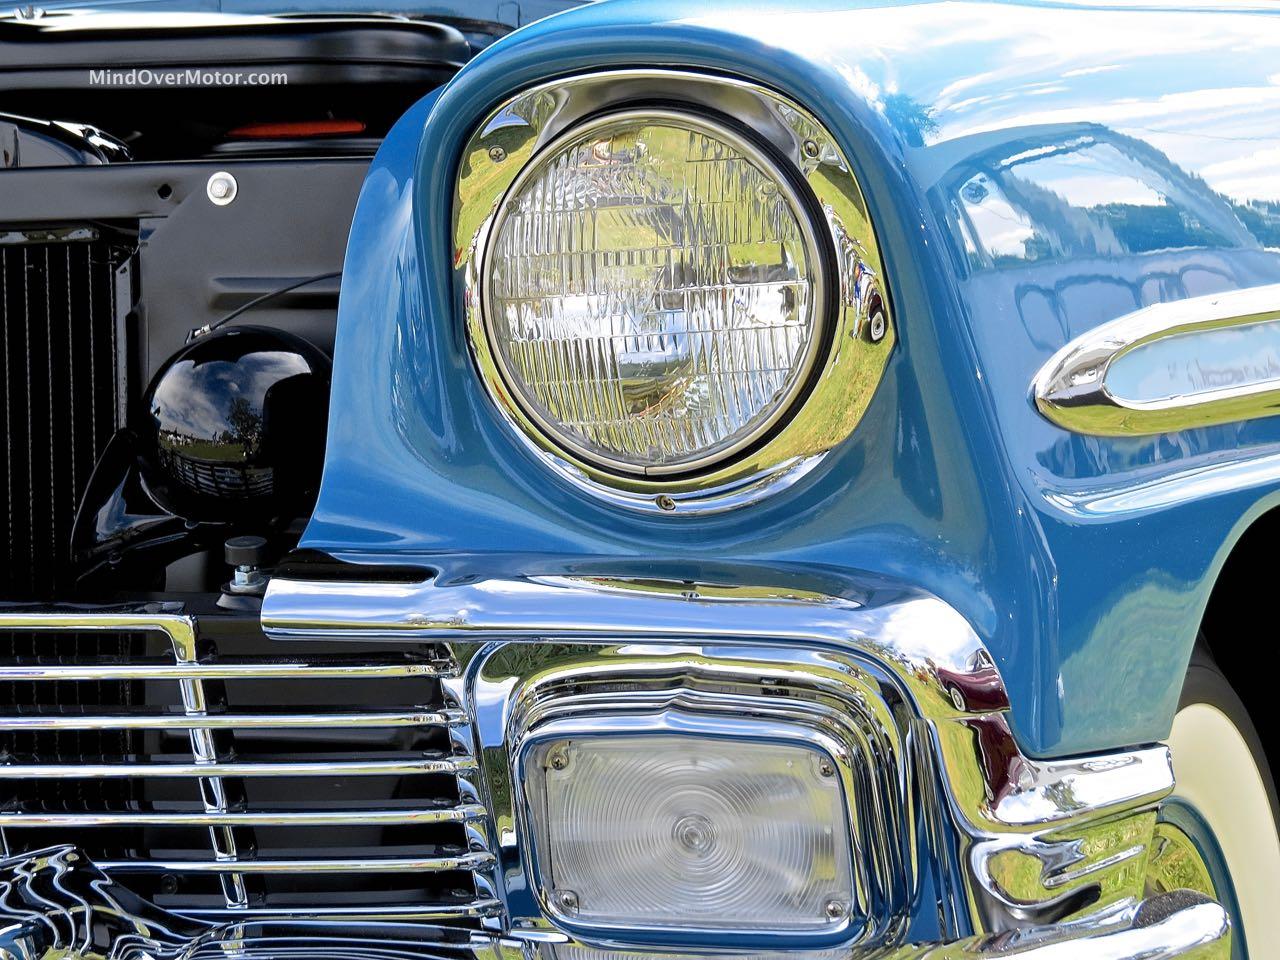 1956 Chevrolet Bel Air Convertible Headlight